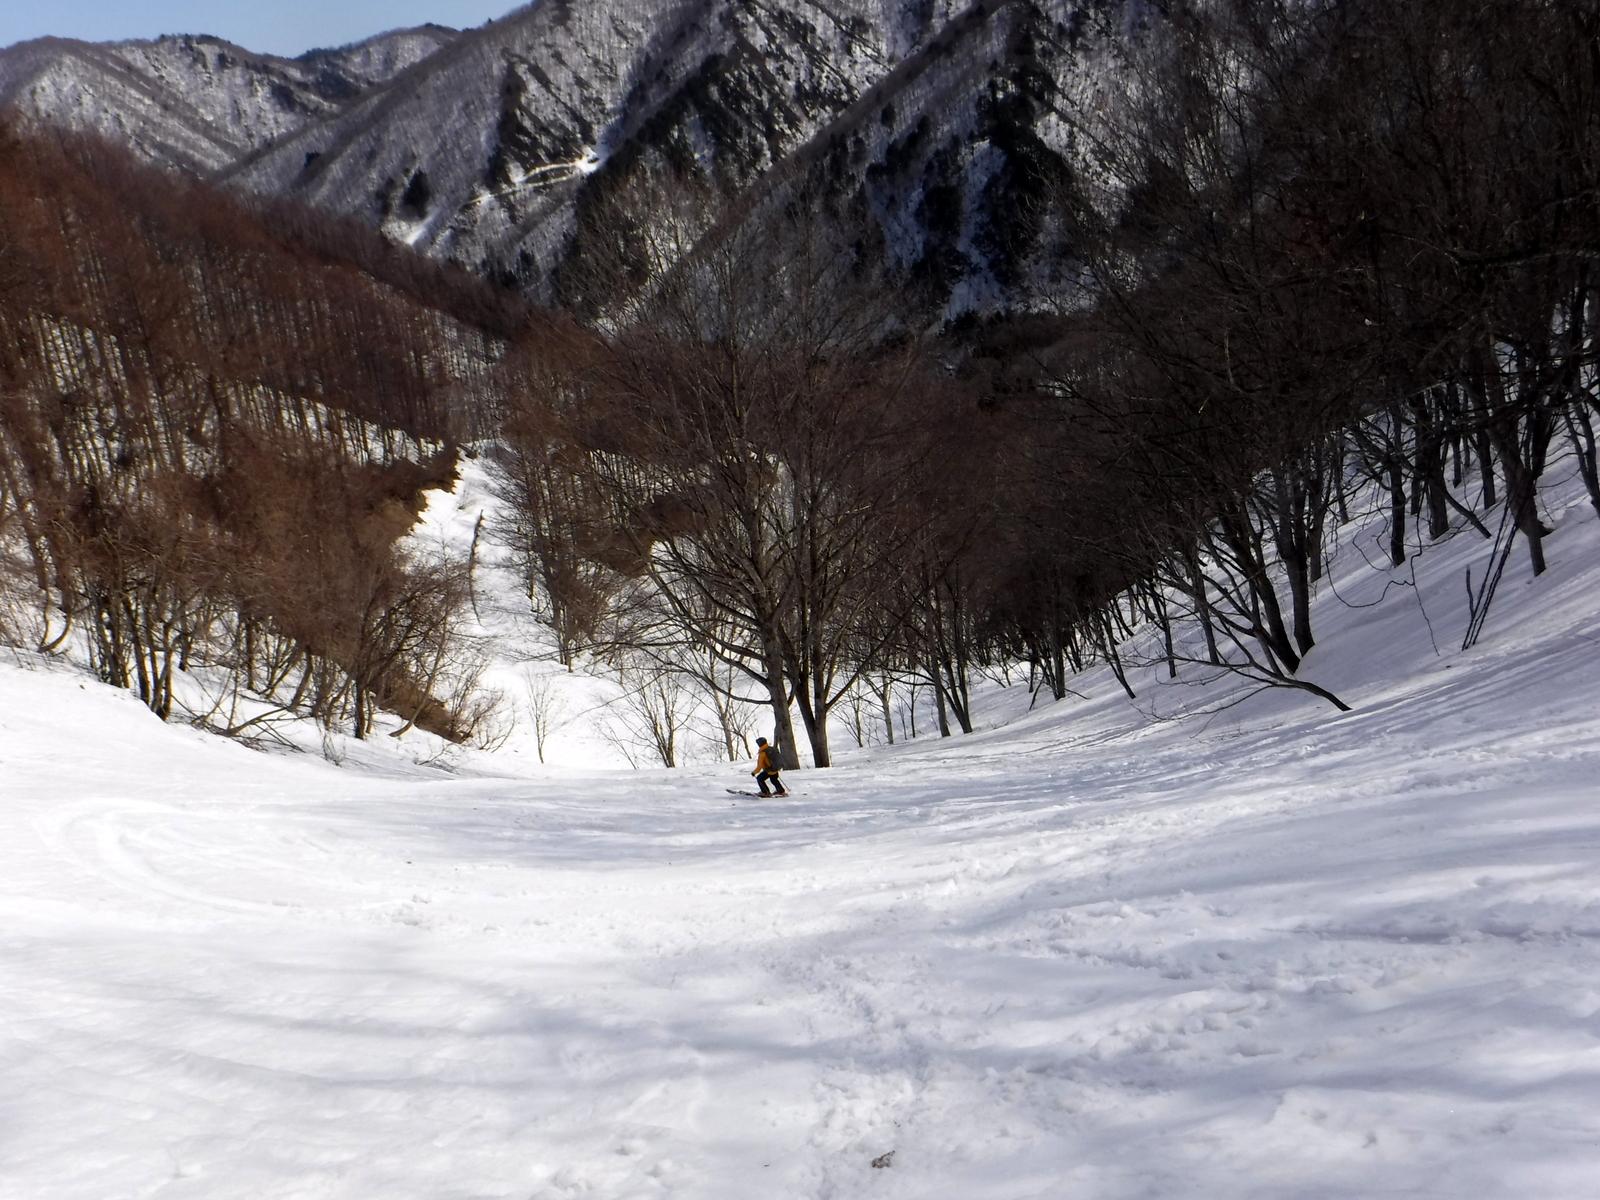 11:50 林道手前 1200m付近 雪はやや重くなってきた